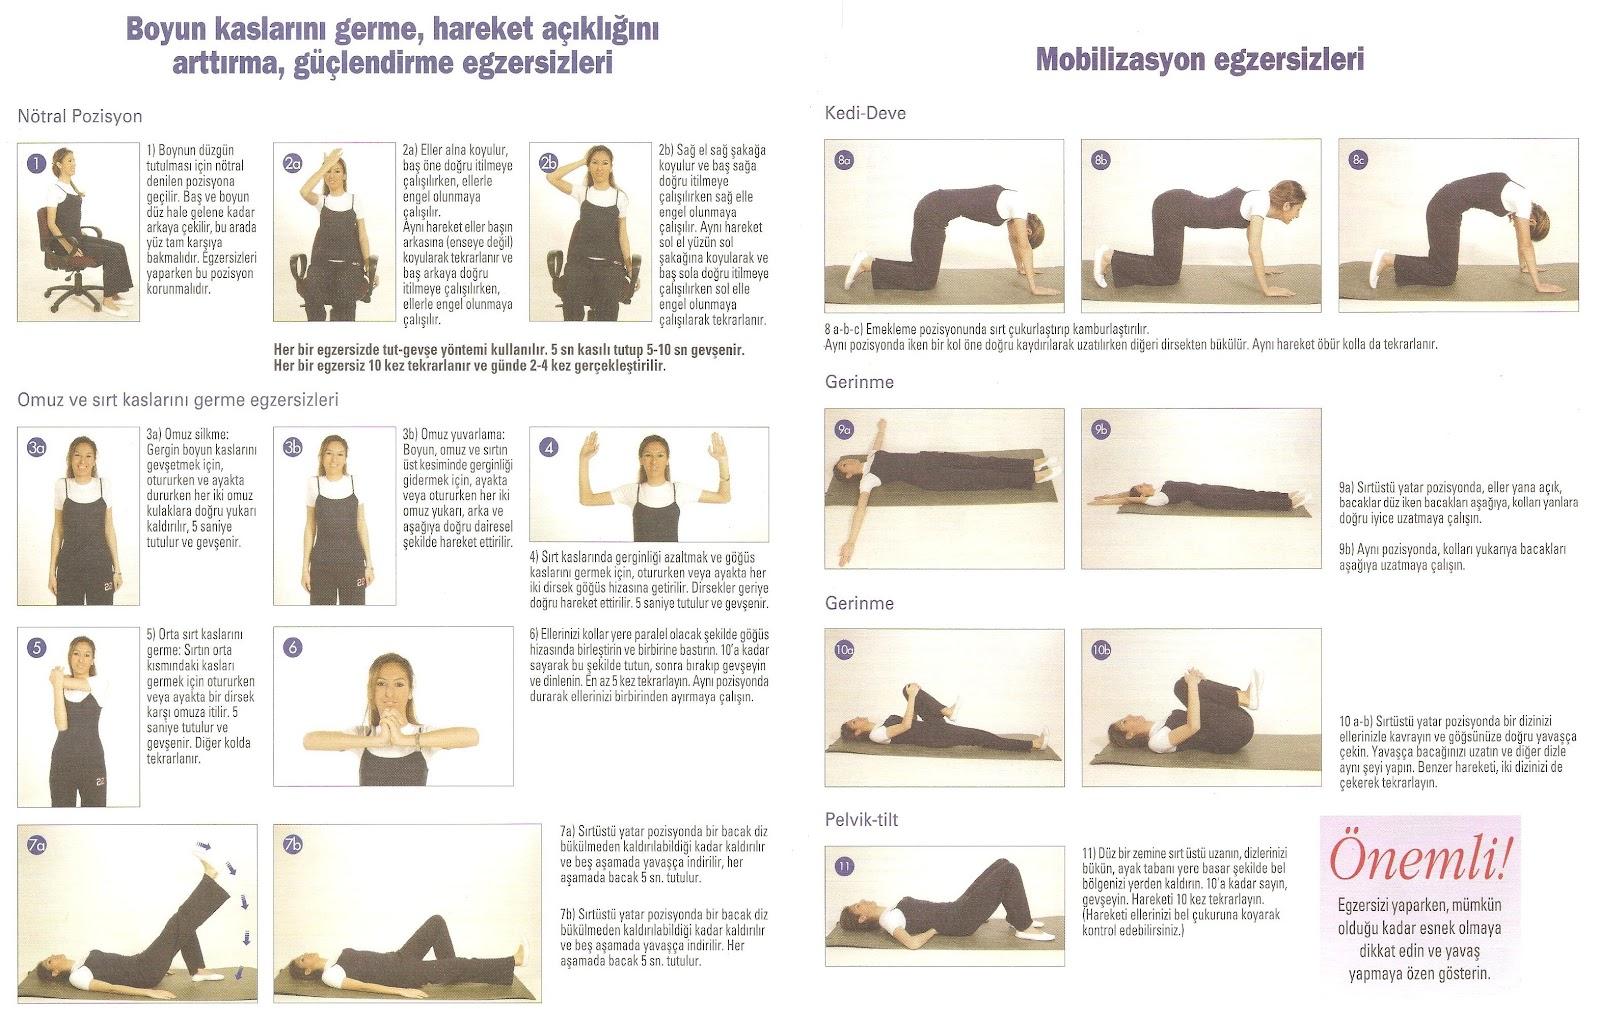 Bir intervertebral fıtık ile egzersizler